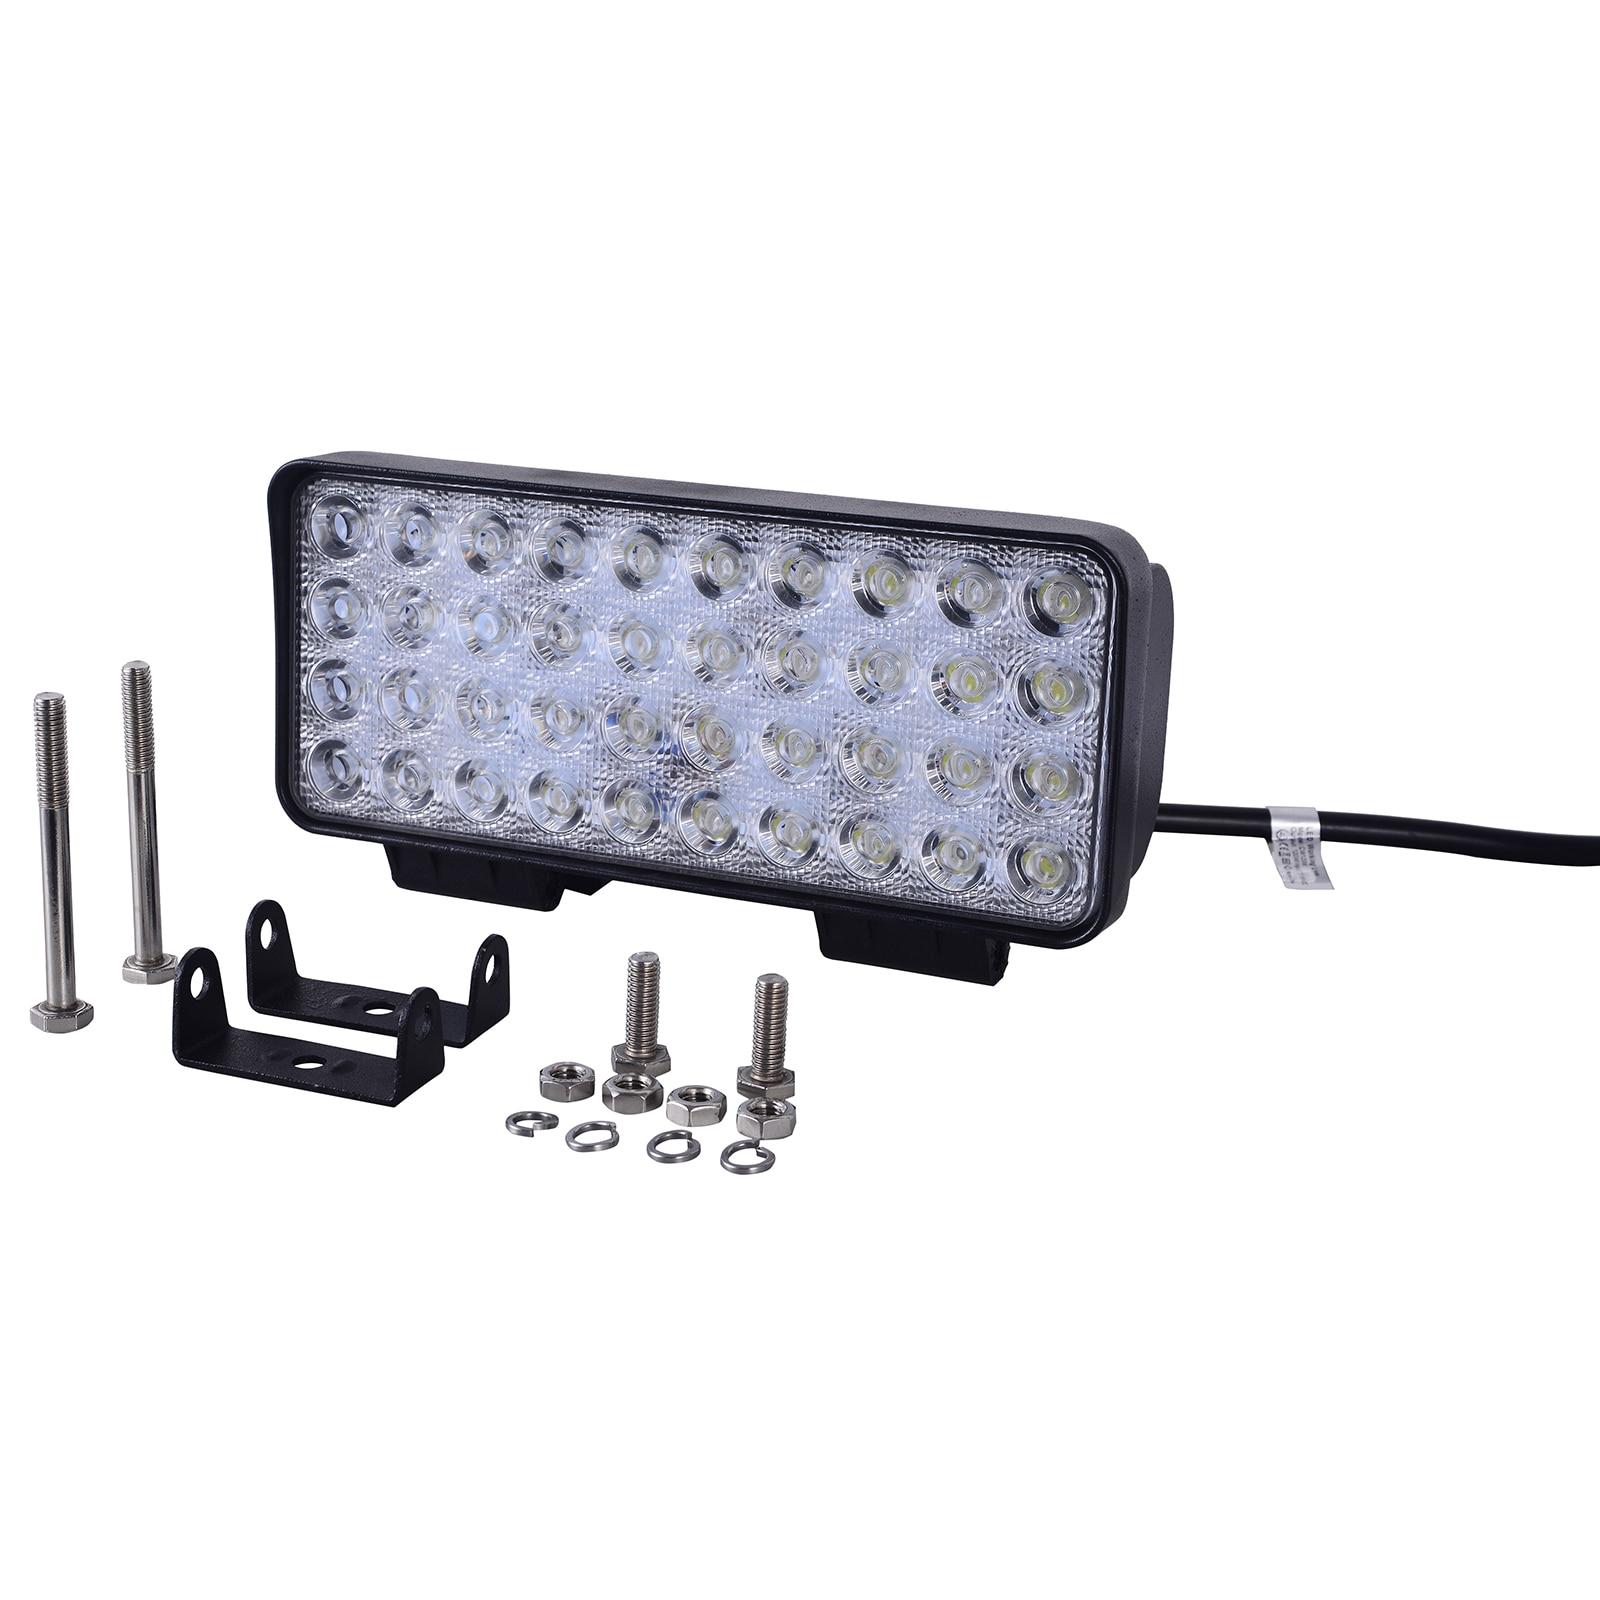 120W 8000K Rectangular coche luz del día Led de trabajo luz diurna Led luz antiniebla para Jeeps camiones ATVs SUV barcos